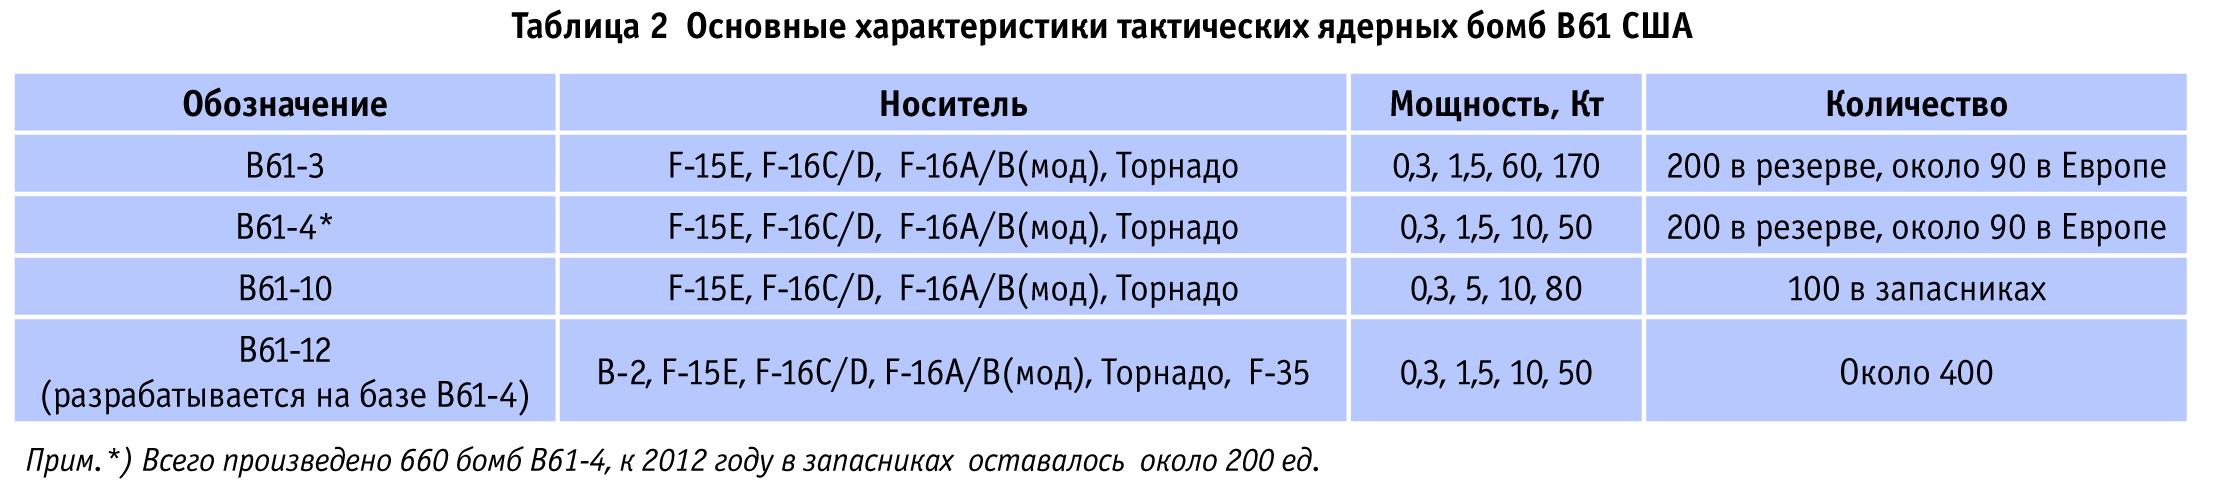 Основные характеристики тактических ядерных бомб B61 США.